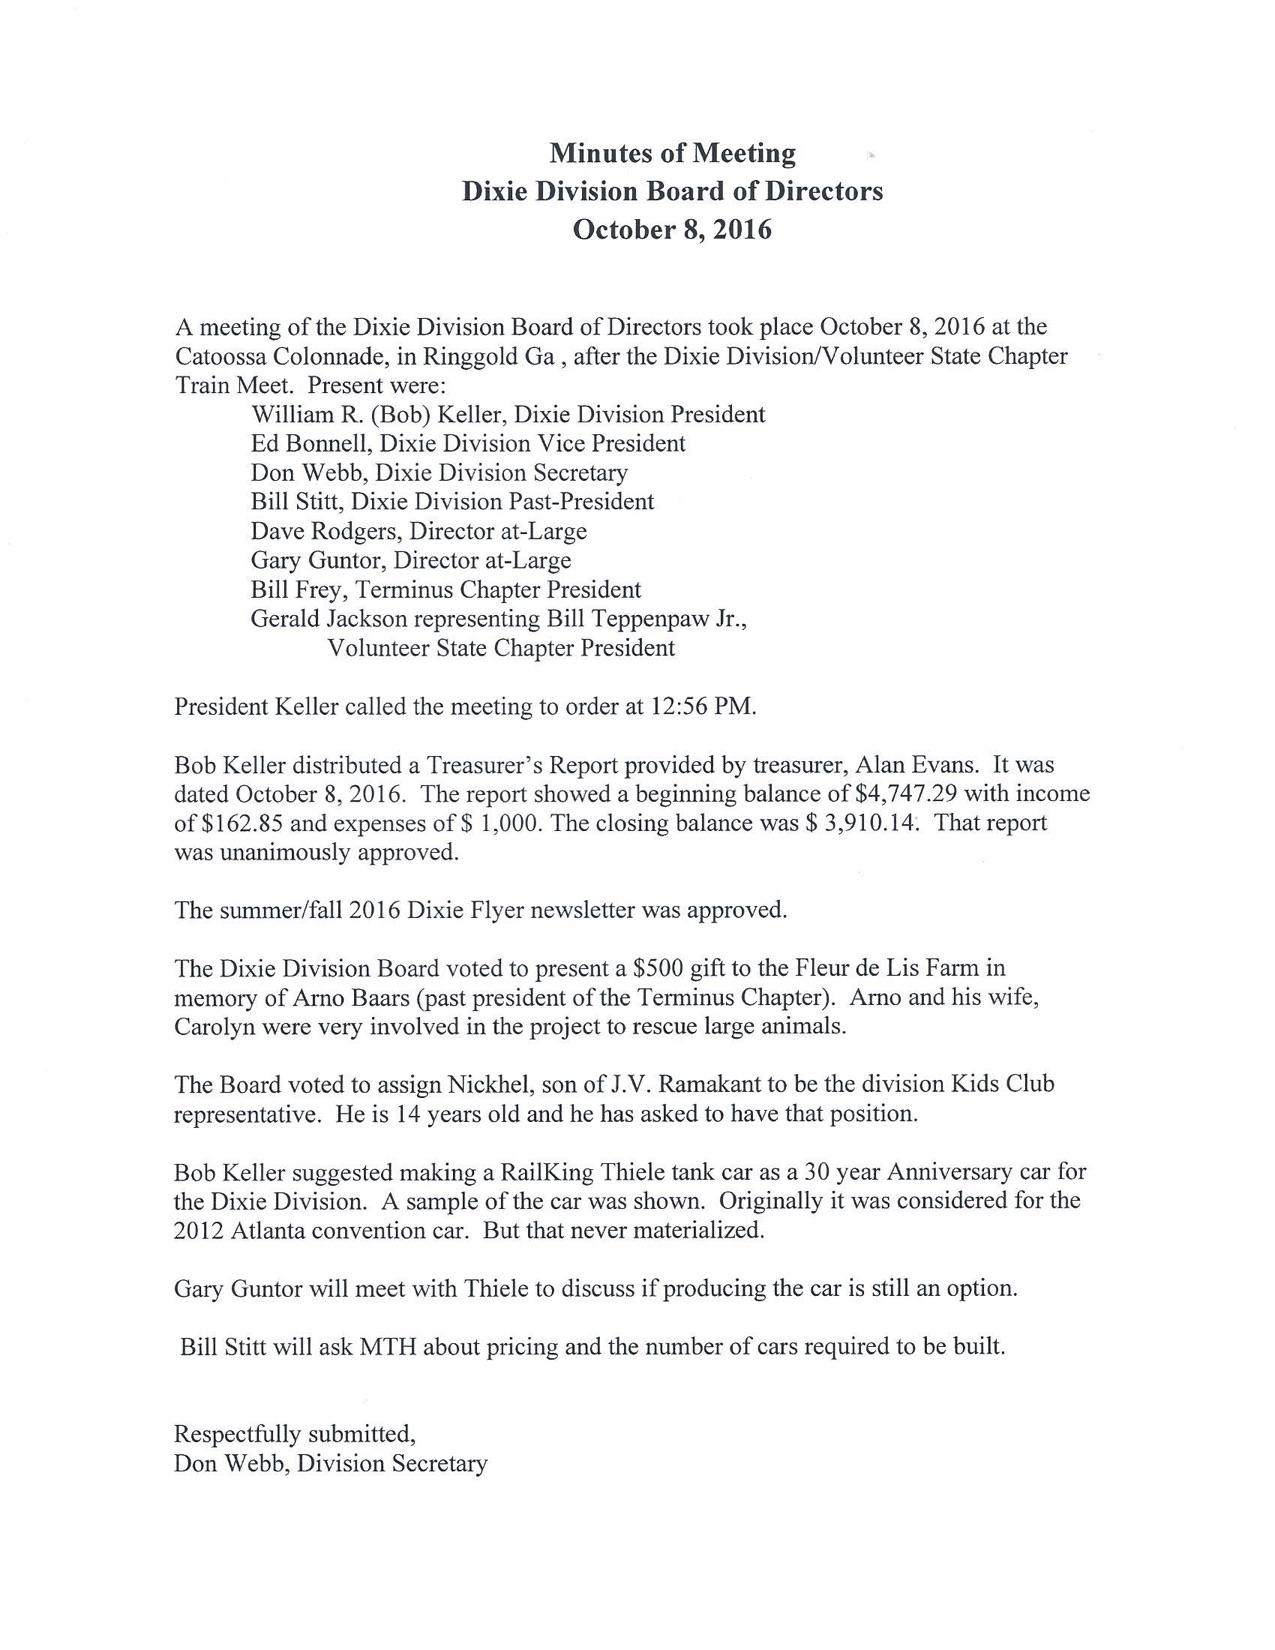 dixie-division-minutes-oct-8-2016